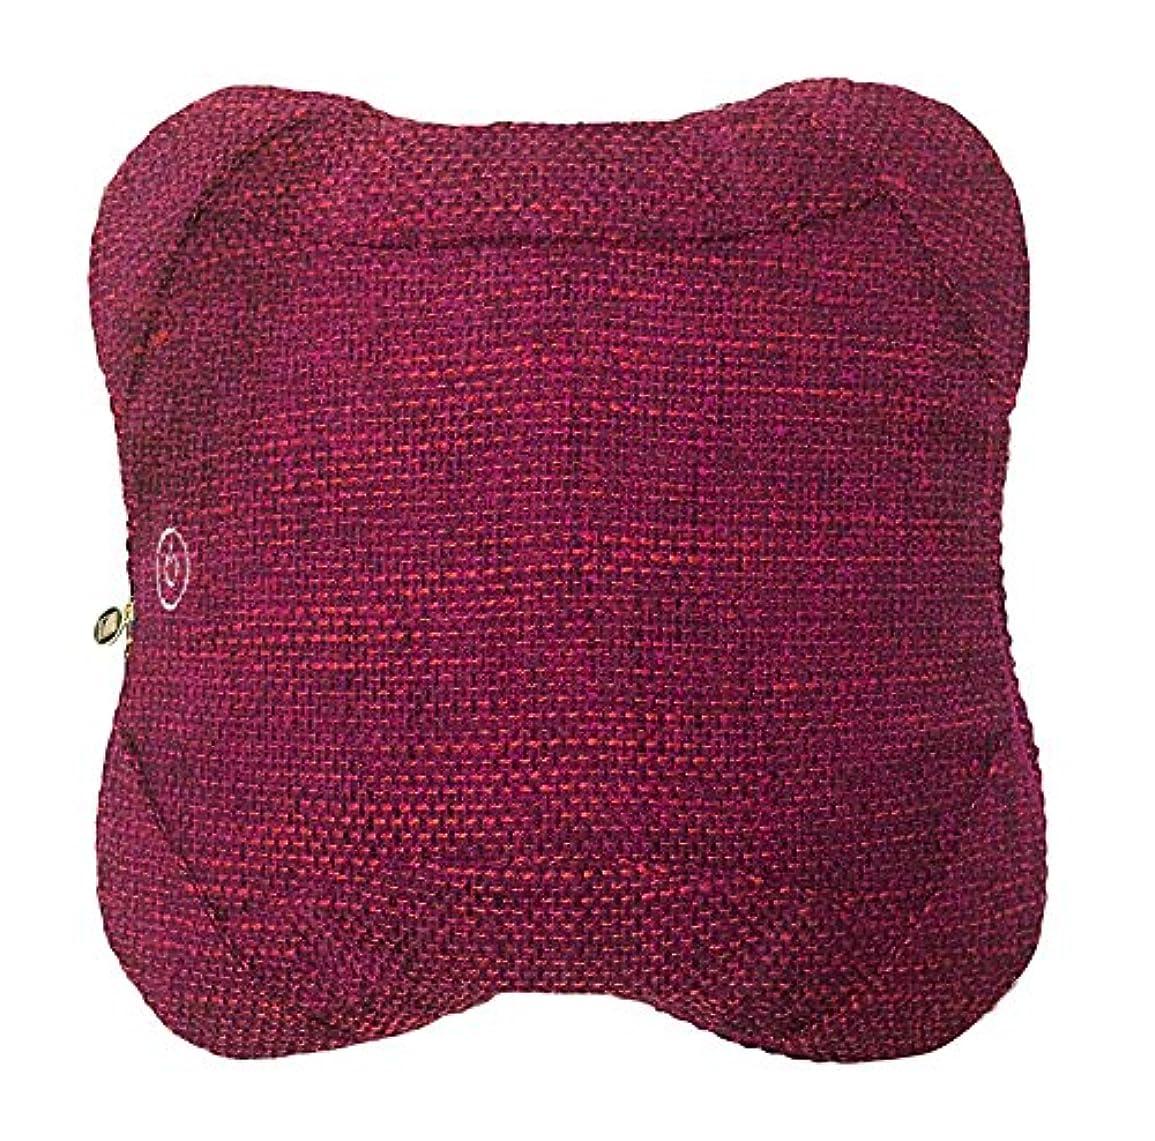 奴隷繊毛フラップアテックス ルルドプレミアム マッサージクッション ダブルもみVW AX-HCL288Drp